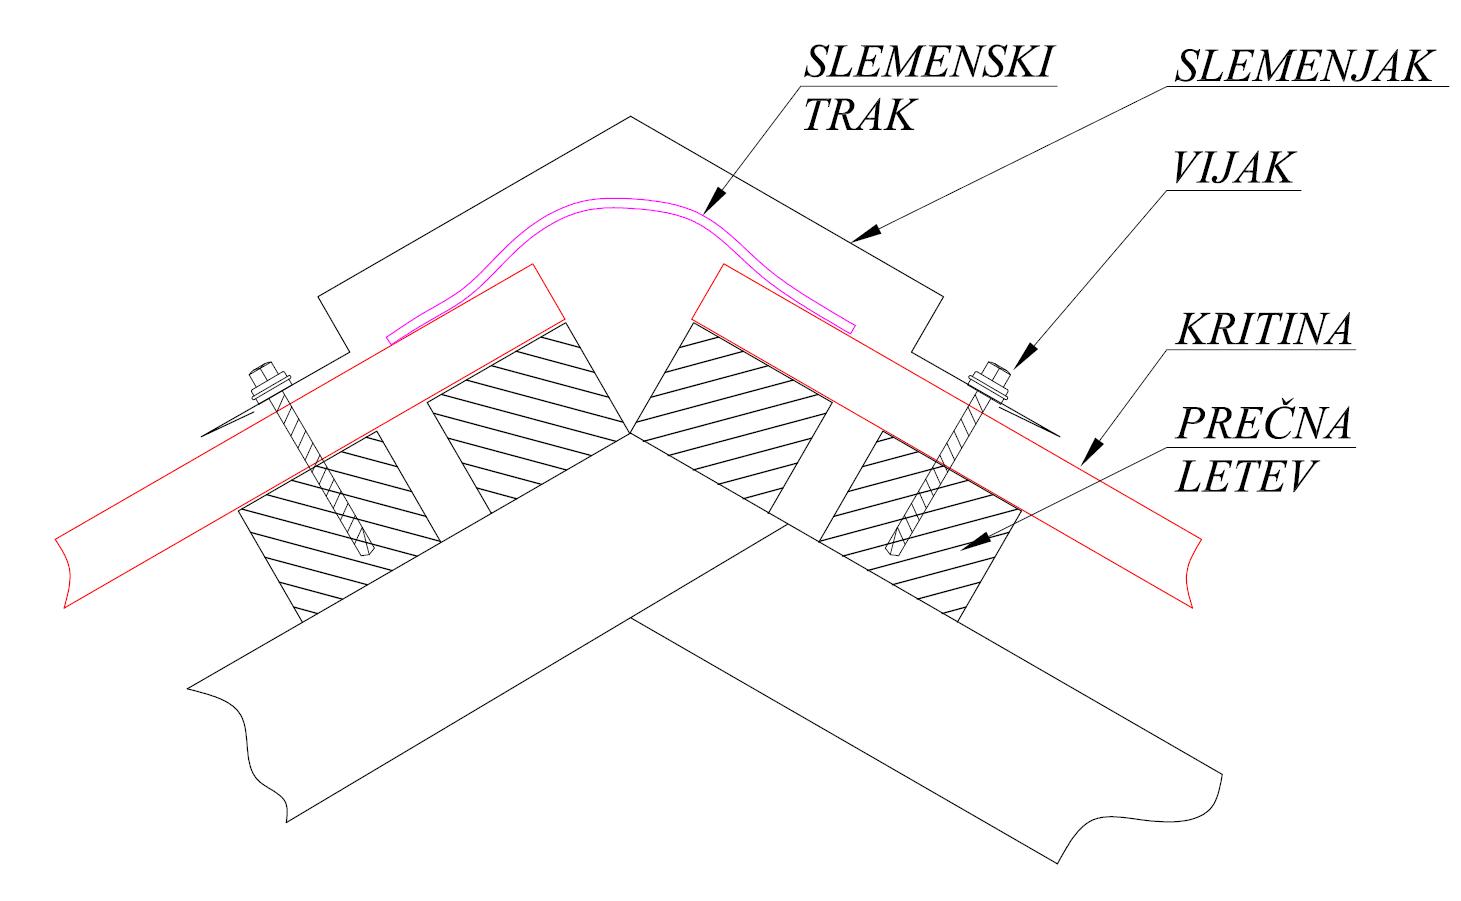 Montaža slemenskega traku